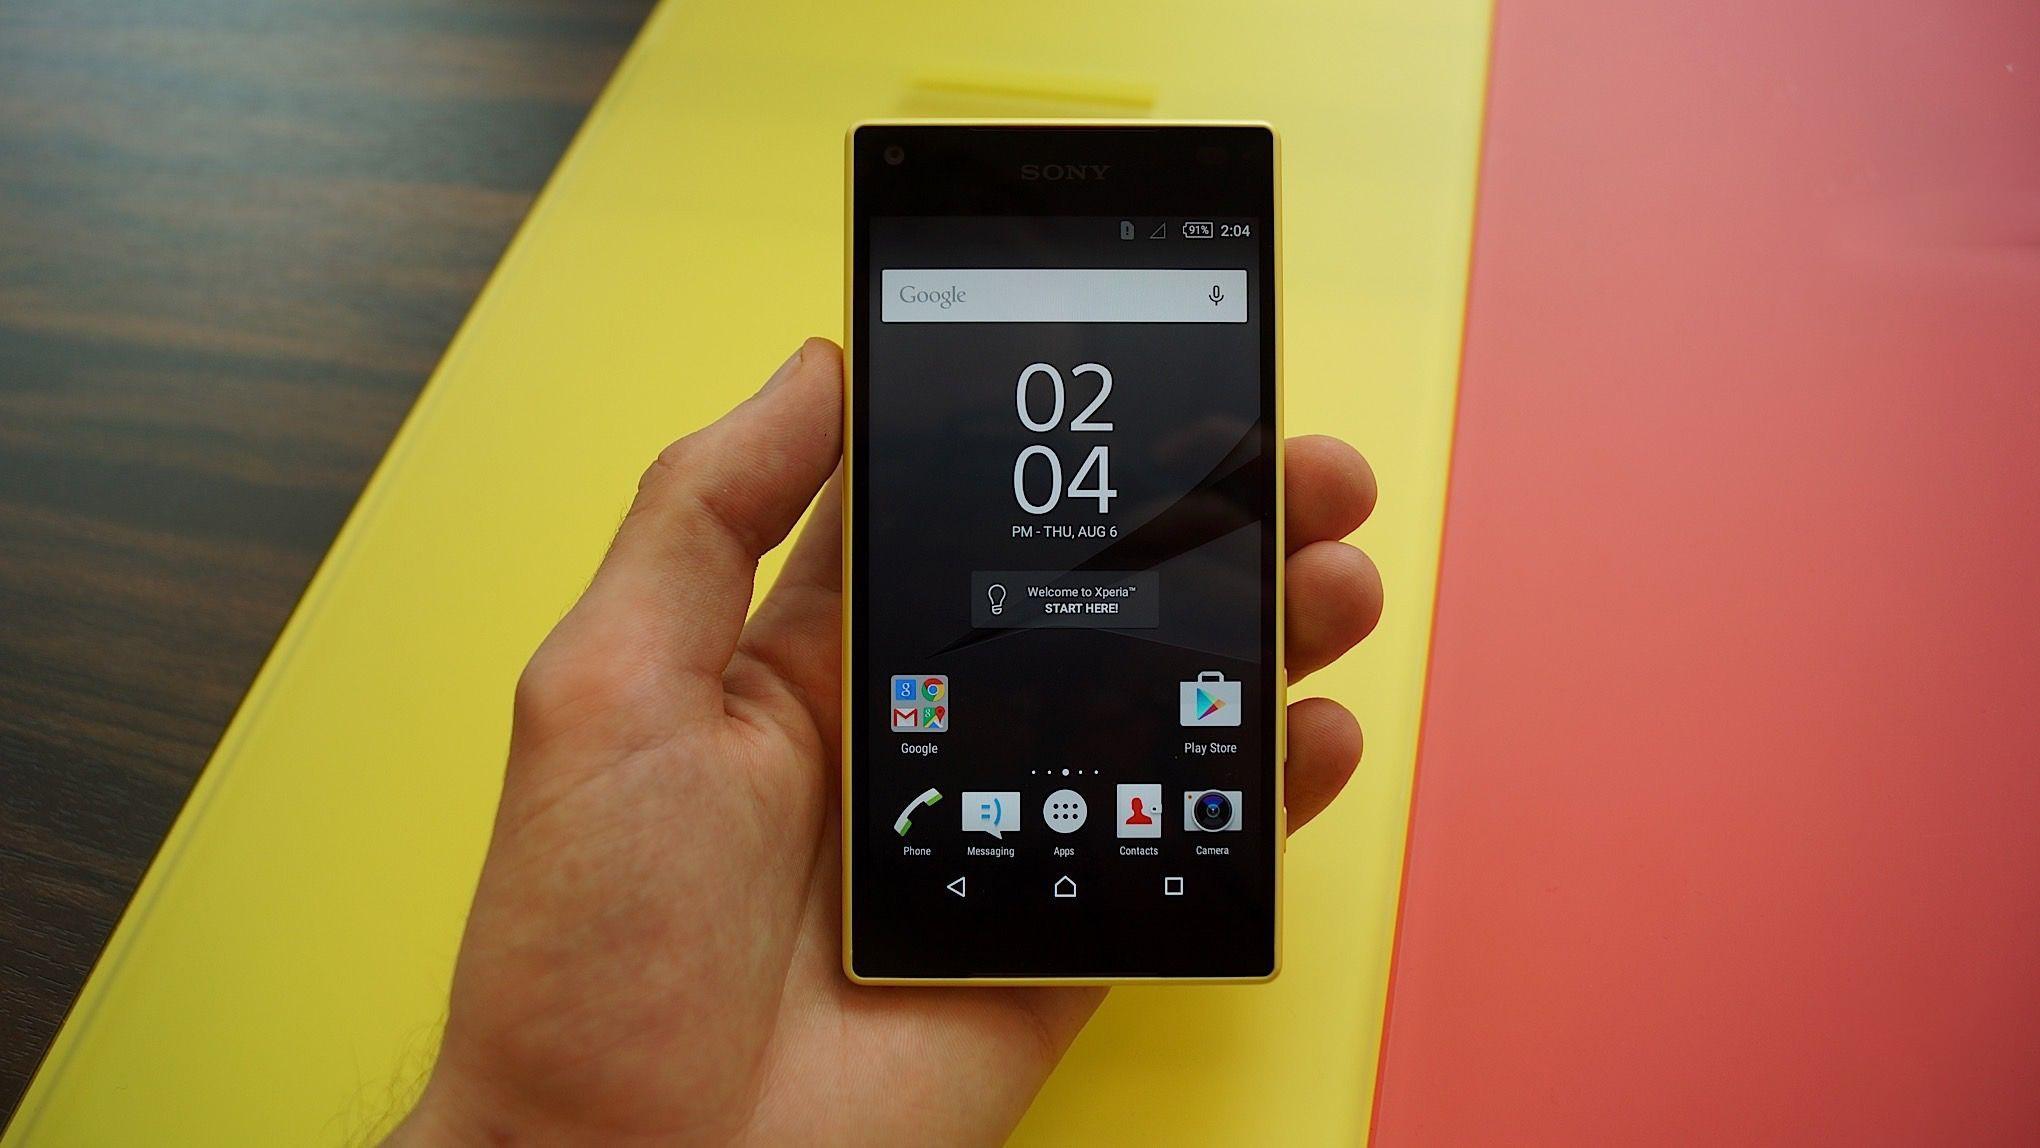 image013 - Người dùng Sony Xperia Z5 Compact lo lắng với chip Snapdragon 810